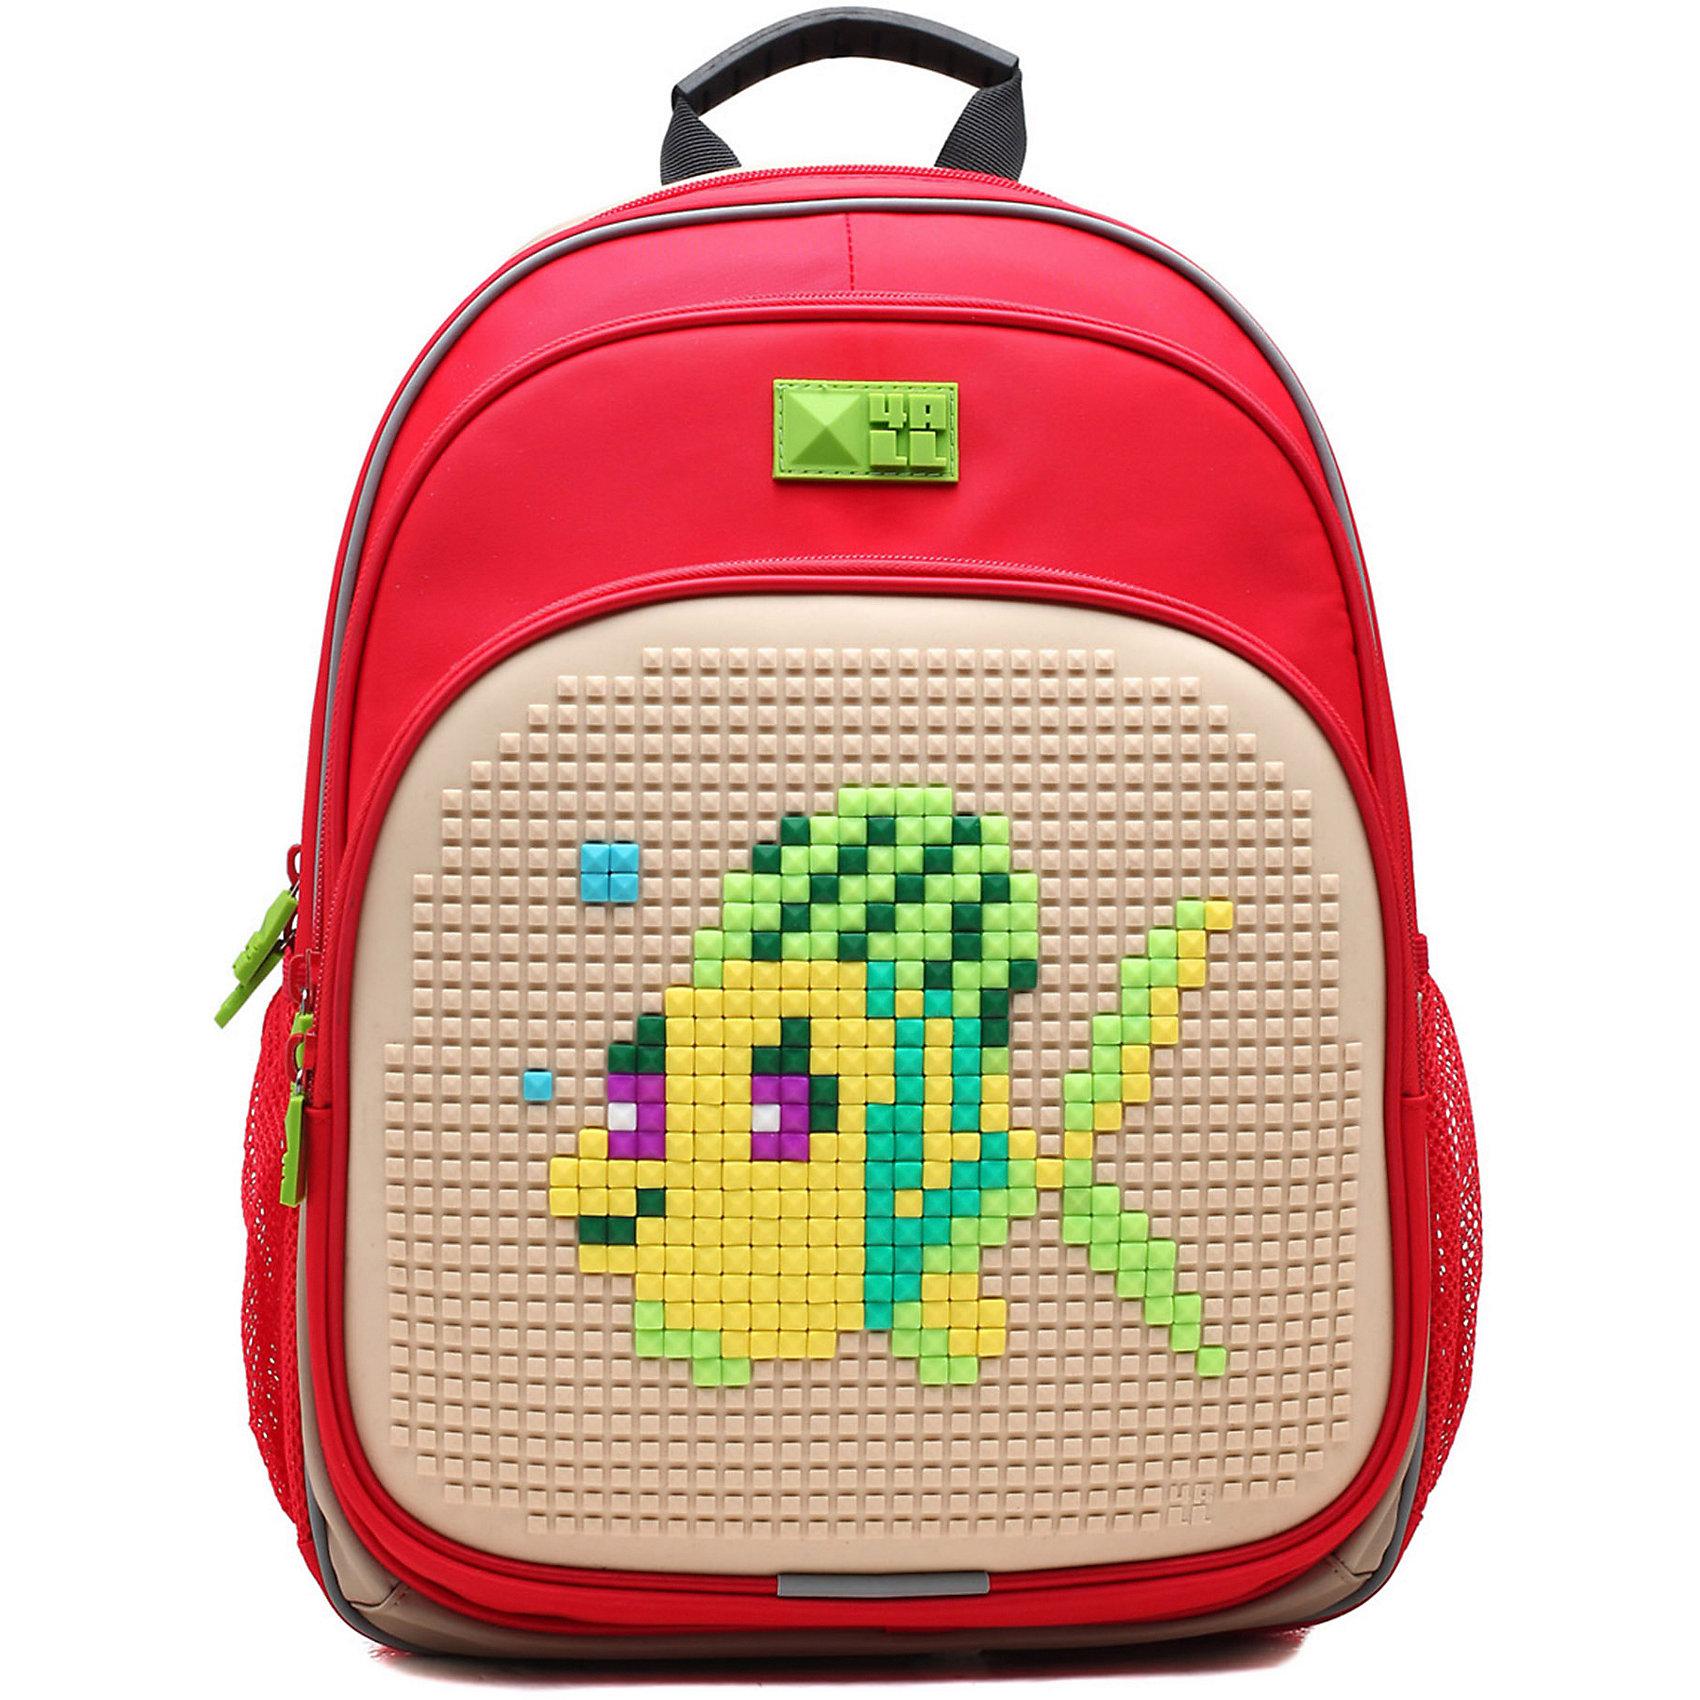 4ALL Рюкзак Kids, красно-сиреневыйРюкзаки<br>Рюкзак KIDS - это одновременно и яркий, функциональный школьный аксессуар, и безграничная площадка для самовыражения, способная подчеркнуть любой выбранный образ. С помощью уникальной силиконовой панели и набора пластиковых пикселей-битов можно декорировать фасад рюкзака, как угодно, полагаясь на свое воображение и вкус. А все материалы, задействованные при изготовлении, имеют специальную вода- и грязеотталкивающую пропитку, что гарантирует практичность, износостойкость и долговечность рюкзака.<br><br>Такой современный и интересный ранец будет прекрасным подарком к 1 сентября!<br><br>Особенности:<br>AIR COMFORT system:<br>- Система свободной циркуляции воздуха между задней стенкой рюкзака и спиной ребенка.<br>- Совместно с ортопедической спиной ERGO system эта система воздухообмена делает ежедневное использование рюкзаков KIDS безопасным для здоровья и максимально комфортным!<br>ERGO system:<br>- Разработанная нами система ERGO служит равномерному распределению нагрузки на спину ребенка. Она способна сделать рюкзак, наполненный учебниками, легким. ERGO служит сохранению правильной осанки и заботится о здоровье позвоночника!<br>Ортопедическая спина:<br>- Важное свойство наших рюкзаков - ортопедическая спина! Способна как корсет поддерживать позвоночник, правильно распределяя нагрузку, а так же обеспечивает циркуляцию воздуха между задней стенкой рюкзака и спиной ребенка!<br>А также:<br>- Гипоаллергенный силикон;<br>- Водоотталкивающие материалы;<br>- Устойчивость всех материалов к температурам воздуха ниже 0!<br><br>Дополнительная информация:<br><br>- Рюкзак уже содержит 1 упаковку разноцветных пикселей-битов (300 шт.) для создания картинок<br>- Цвет: красно-сиреневый;<br>- Объем рюкзака: 22 л.<br>- Размер в упаковке: 39х27х15 см.<br>- Вес в упаковке: 950 г.<br><br>Рюкзак Kids в  красно-сиреневом цвете , можно купить в нашем магазине.<br><br>Ширина мм: 390<br>Глубина мм: 270<br>Высота мм: 150<br>Вес г: 950<br>Возраст от ме